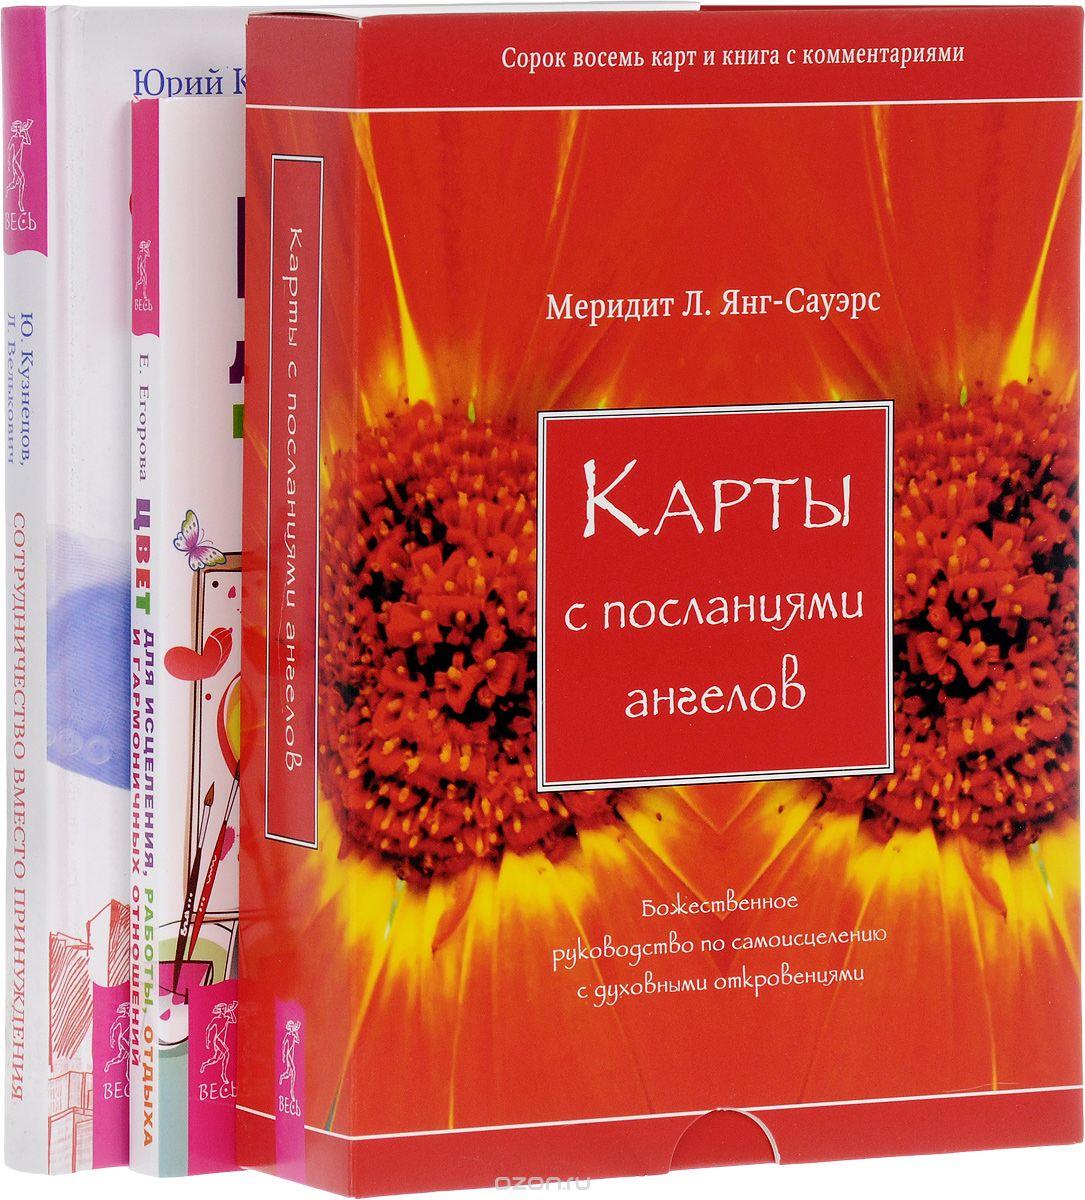 Юрий Кузнецов: Цвет для исцеления. Сотрудничество вместо принуждения. Карты с посланиями ангелов (комплект из 3 книг + колода карт)